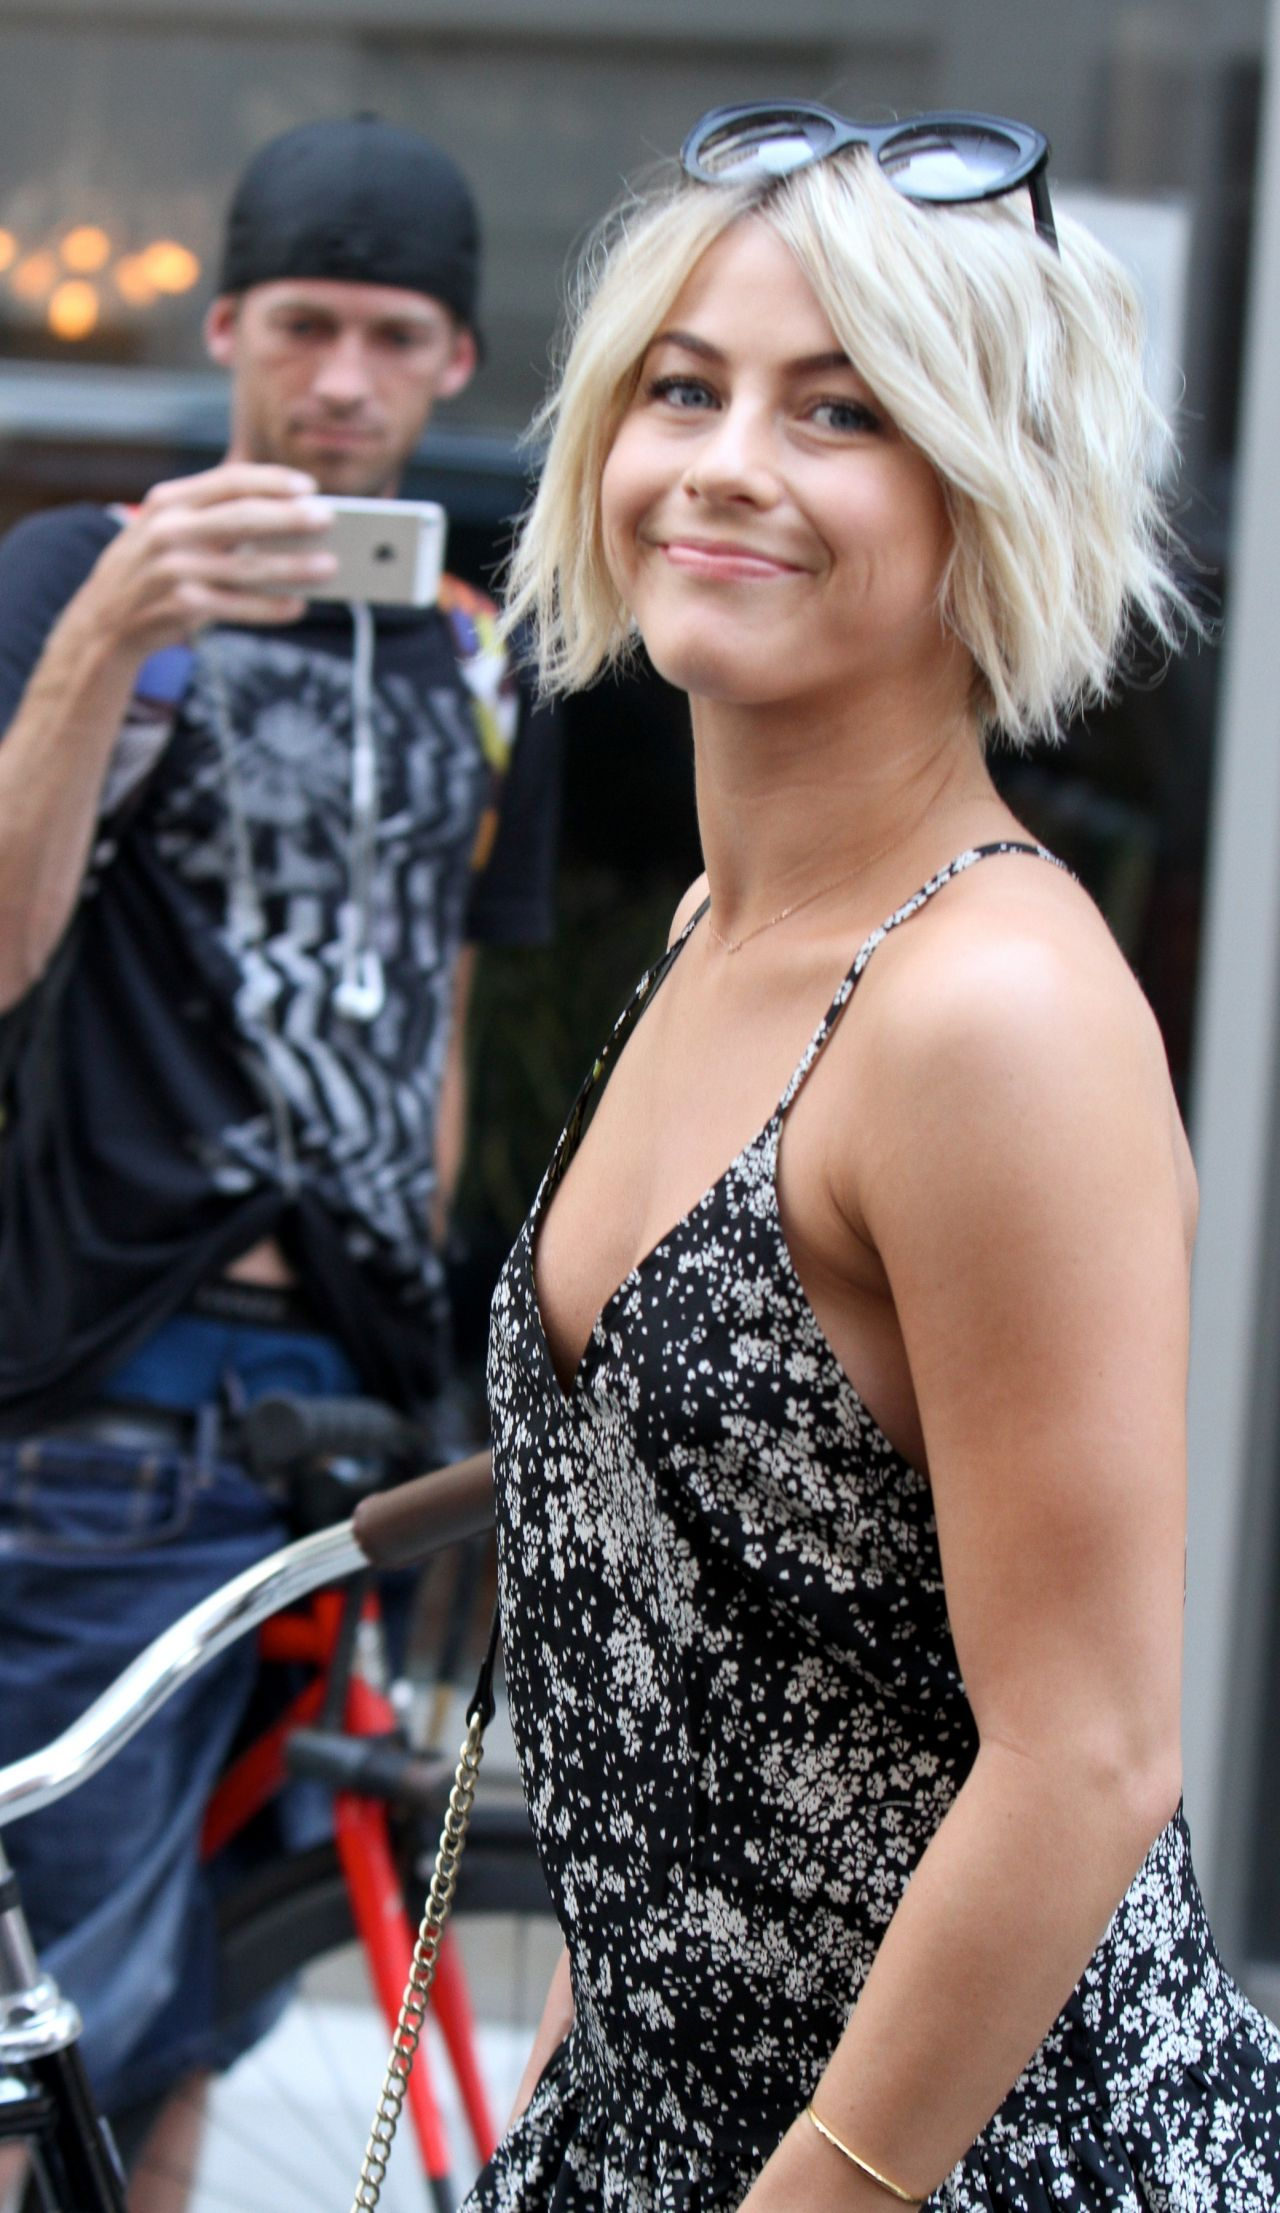 صور الممثلة الأمريكية جوليان هوف 2015 ، احدث صور جوليان هوف 2015 Julianne Hough